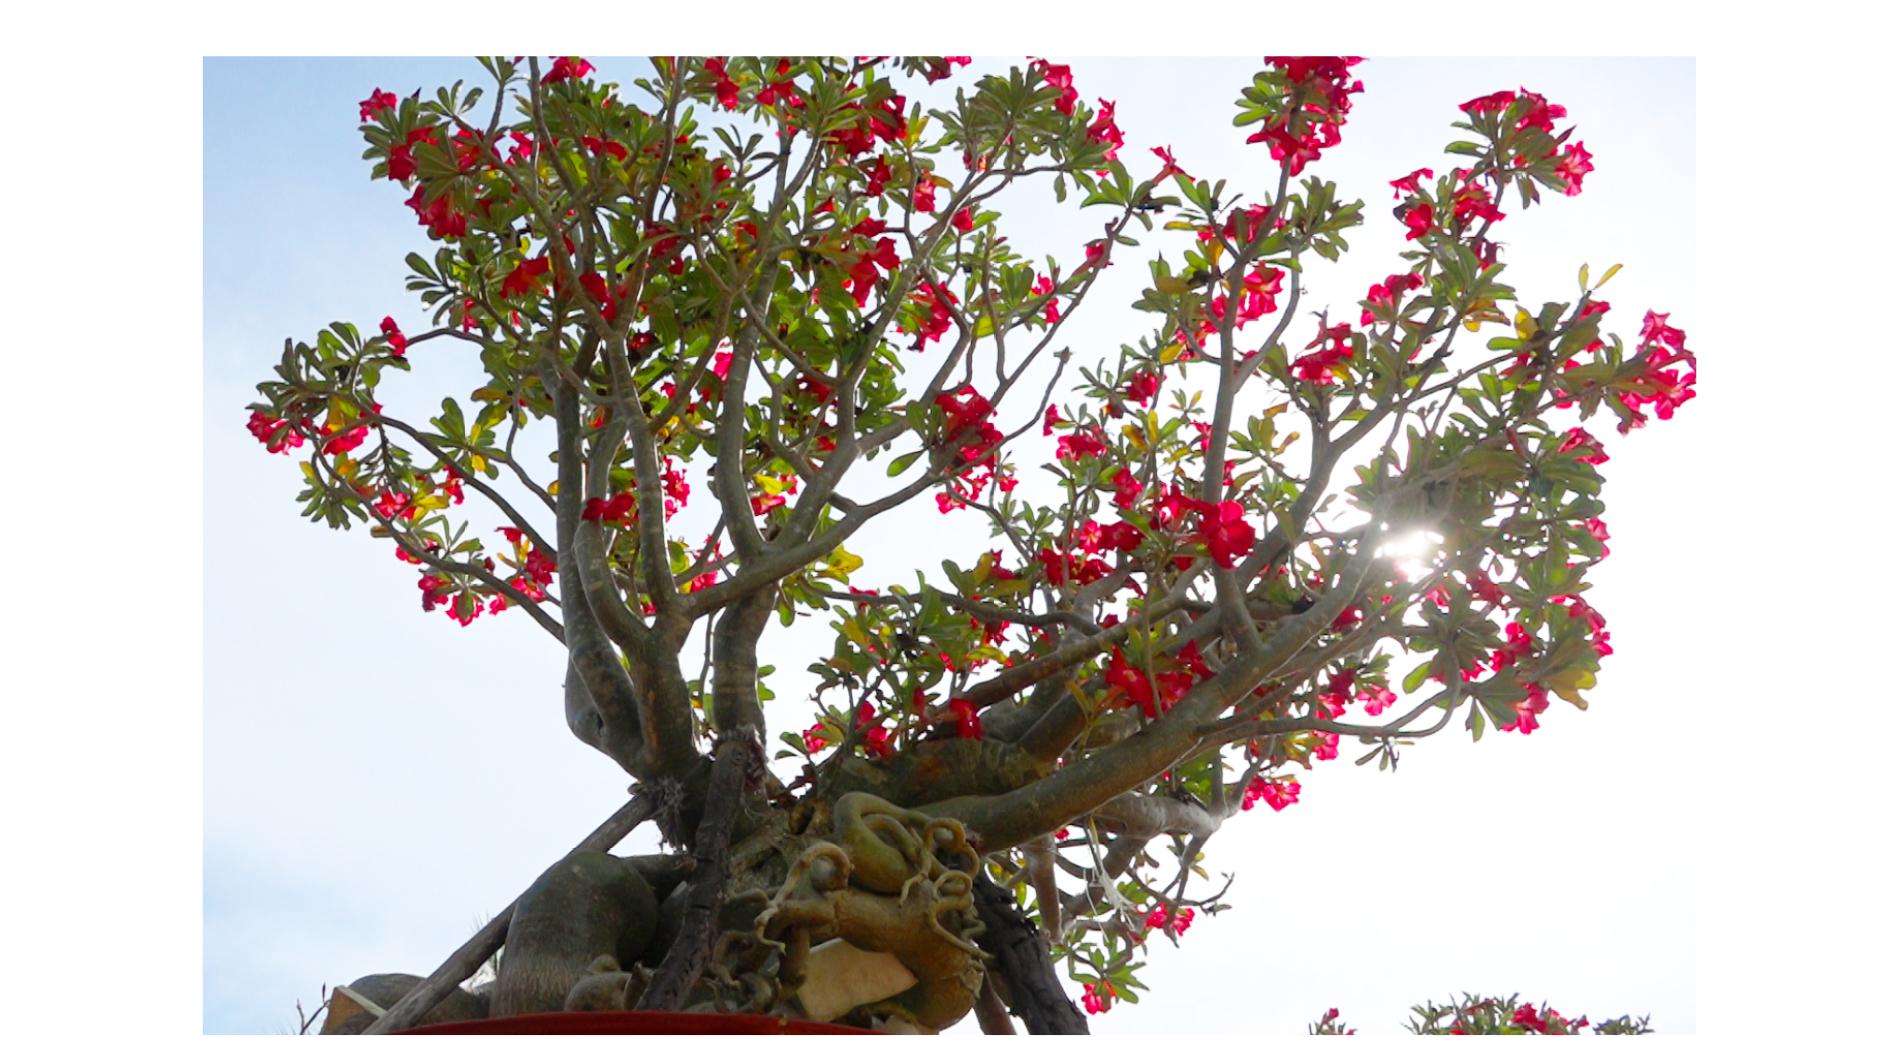 Ngắm sứ 'khổng lồ' tại Làng hoa Sa Đéc ảnh 10